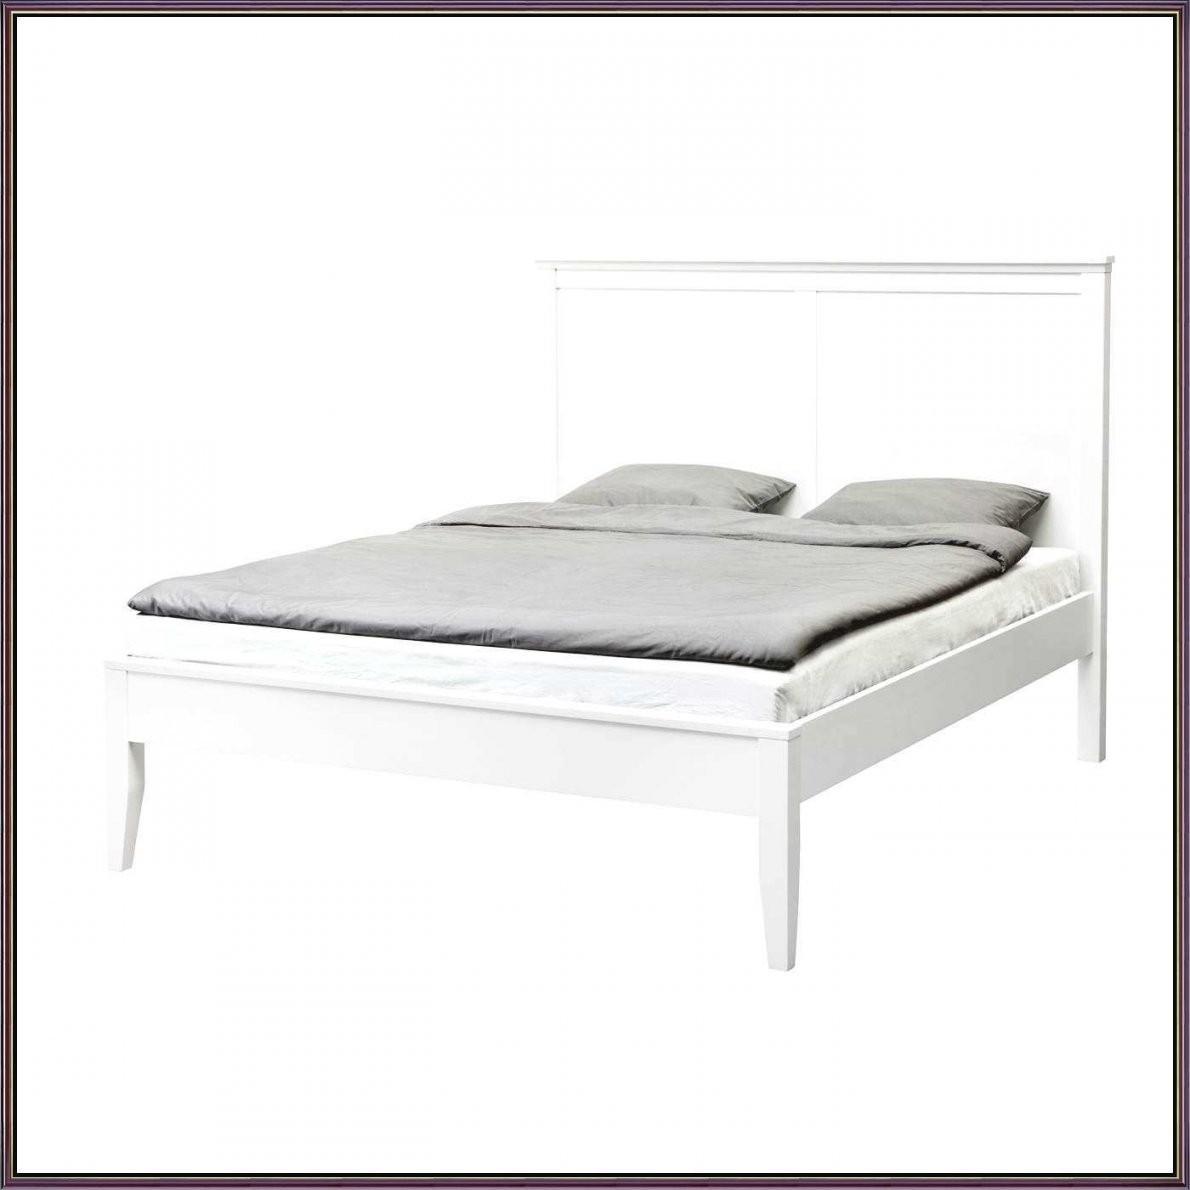 Bett 140x200 Ikea Brimnes Bedframe Met Opberger En Bedeinde